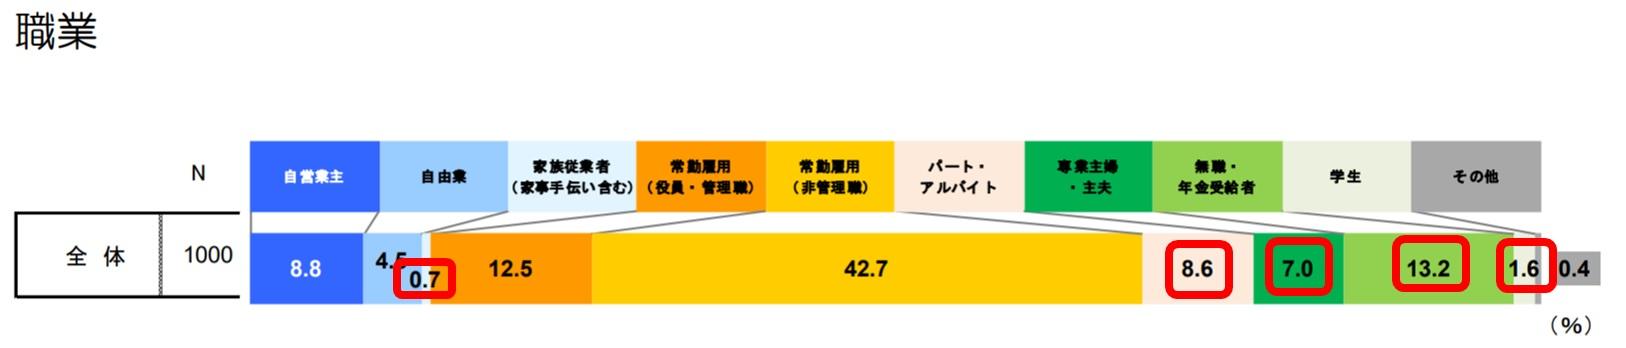 金融先物取引業協会における「金融リテラシーに関する実態調査」で示されたFXをする人の職業割合に関するのイメージ画像